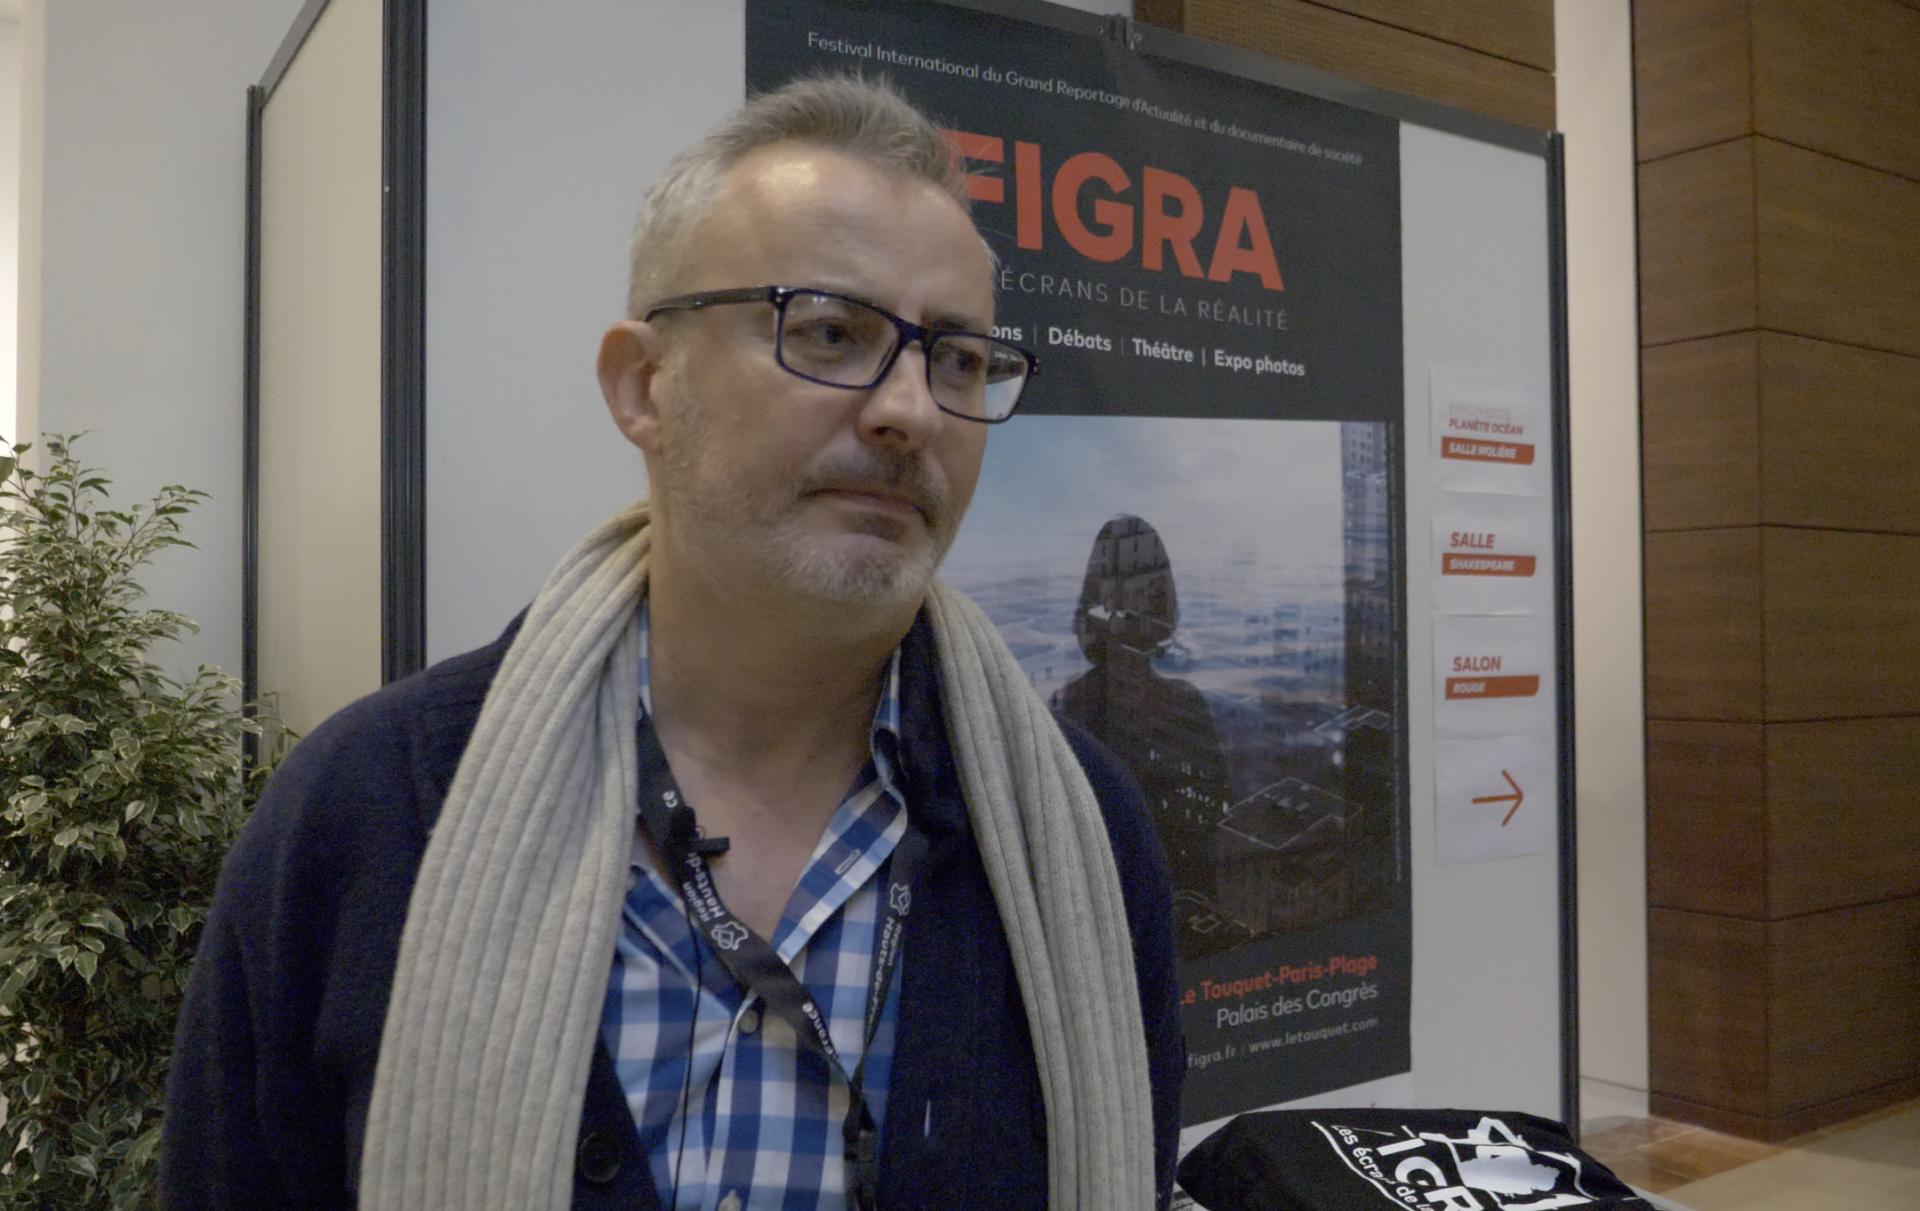 """Interview avec Frédéric Biamonti, juré dans la section """"Terre d'Histoire"""" au FIGRA"""